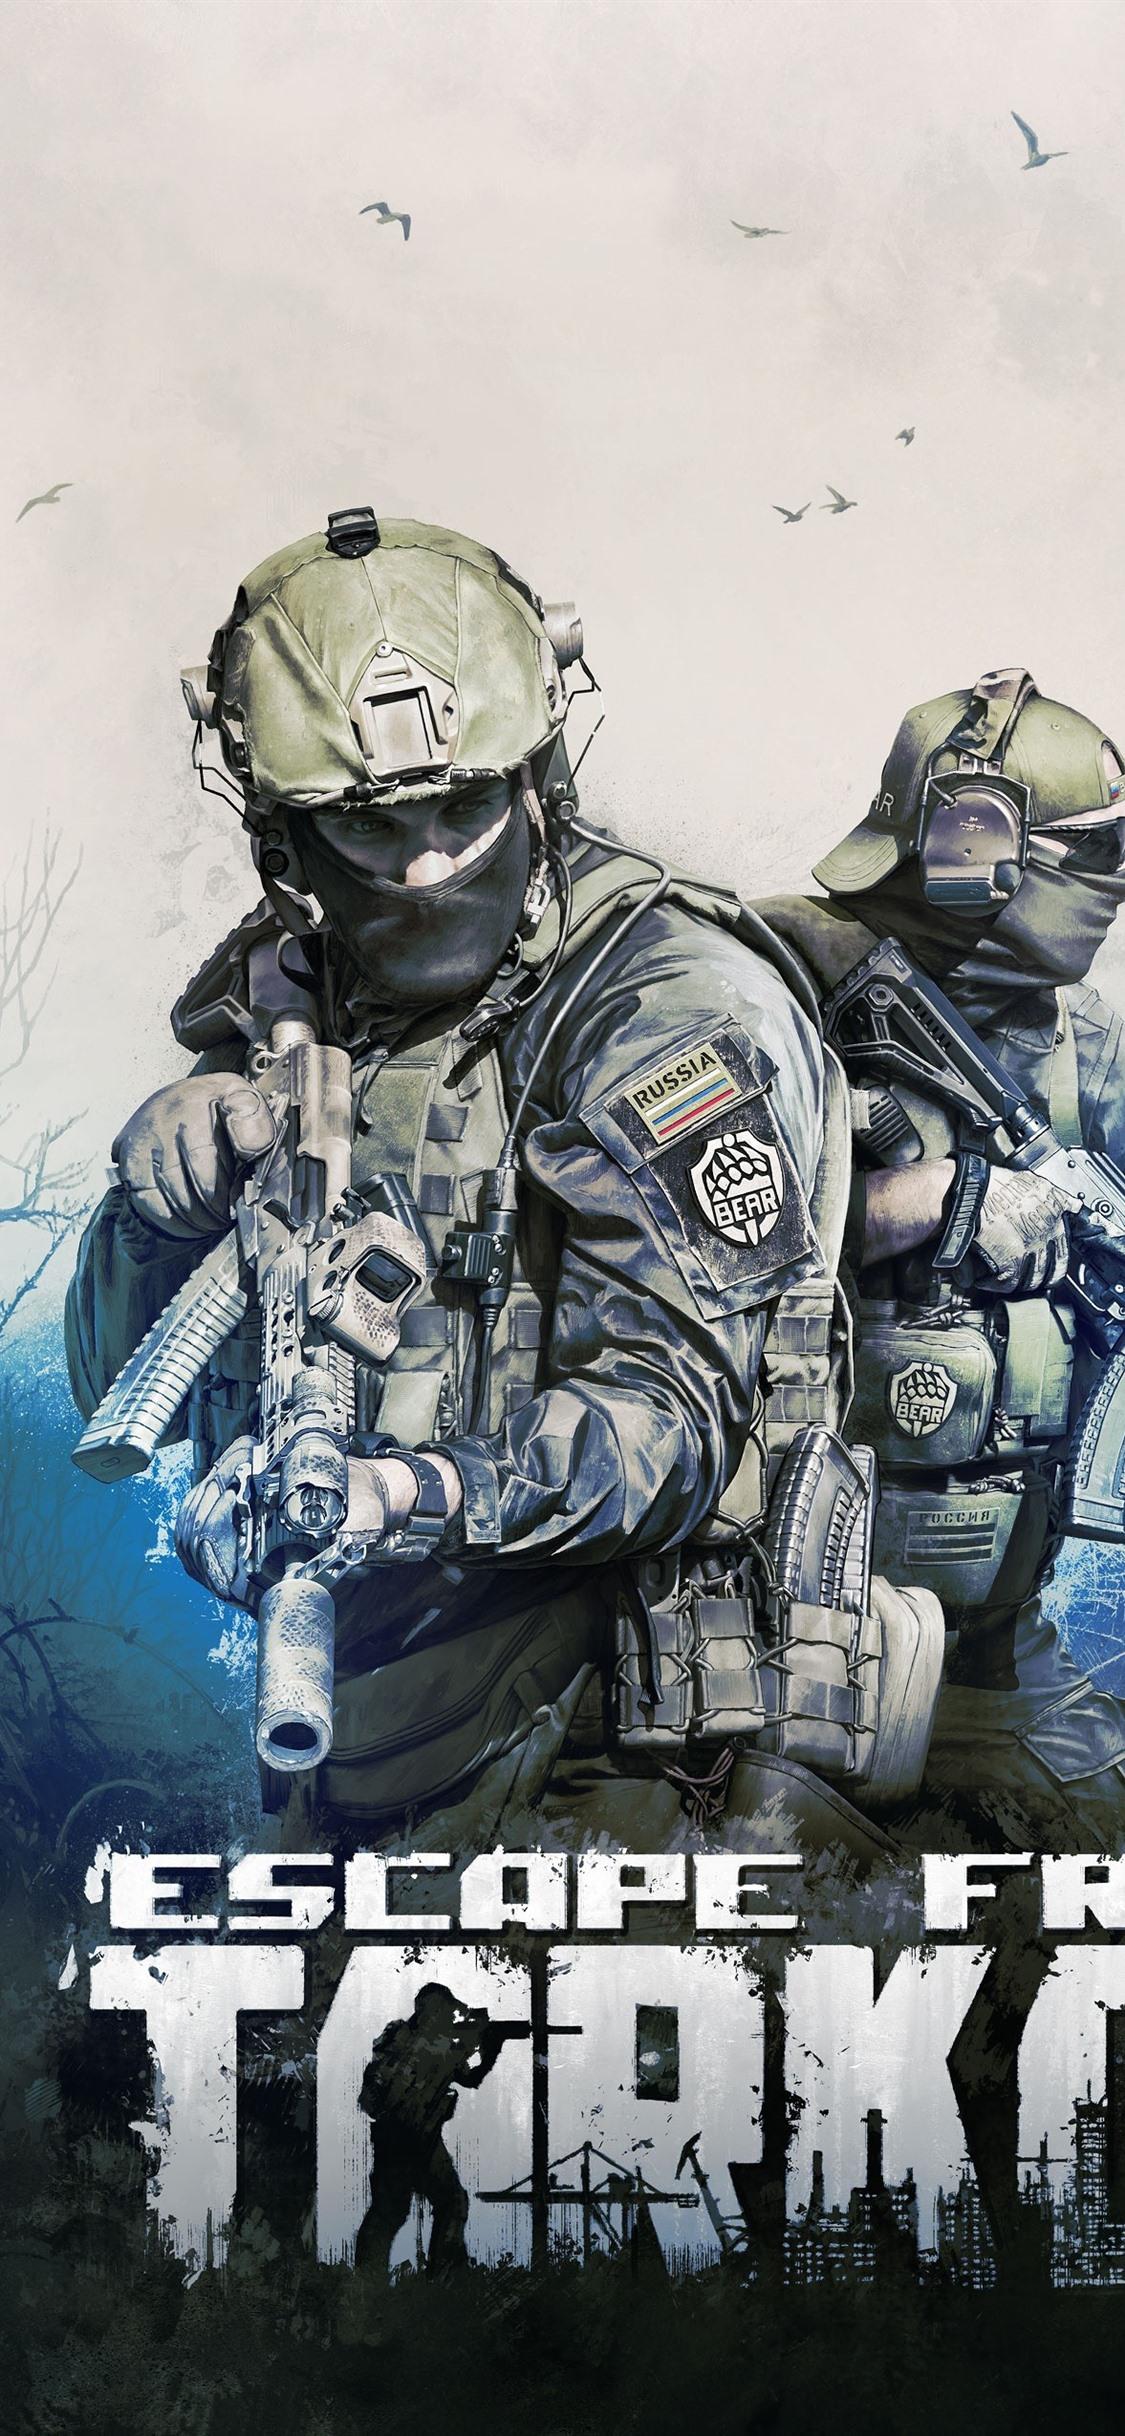 Wallpaper Escape From Tarkov Video Game 3840x2160 Uhd 4k Picture